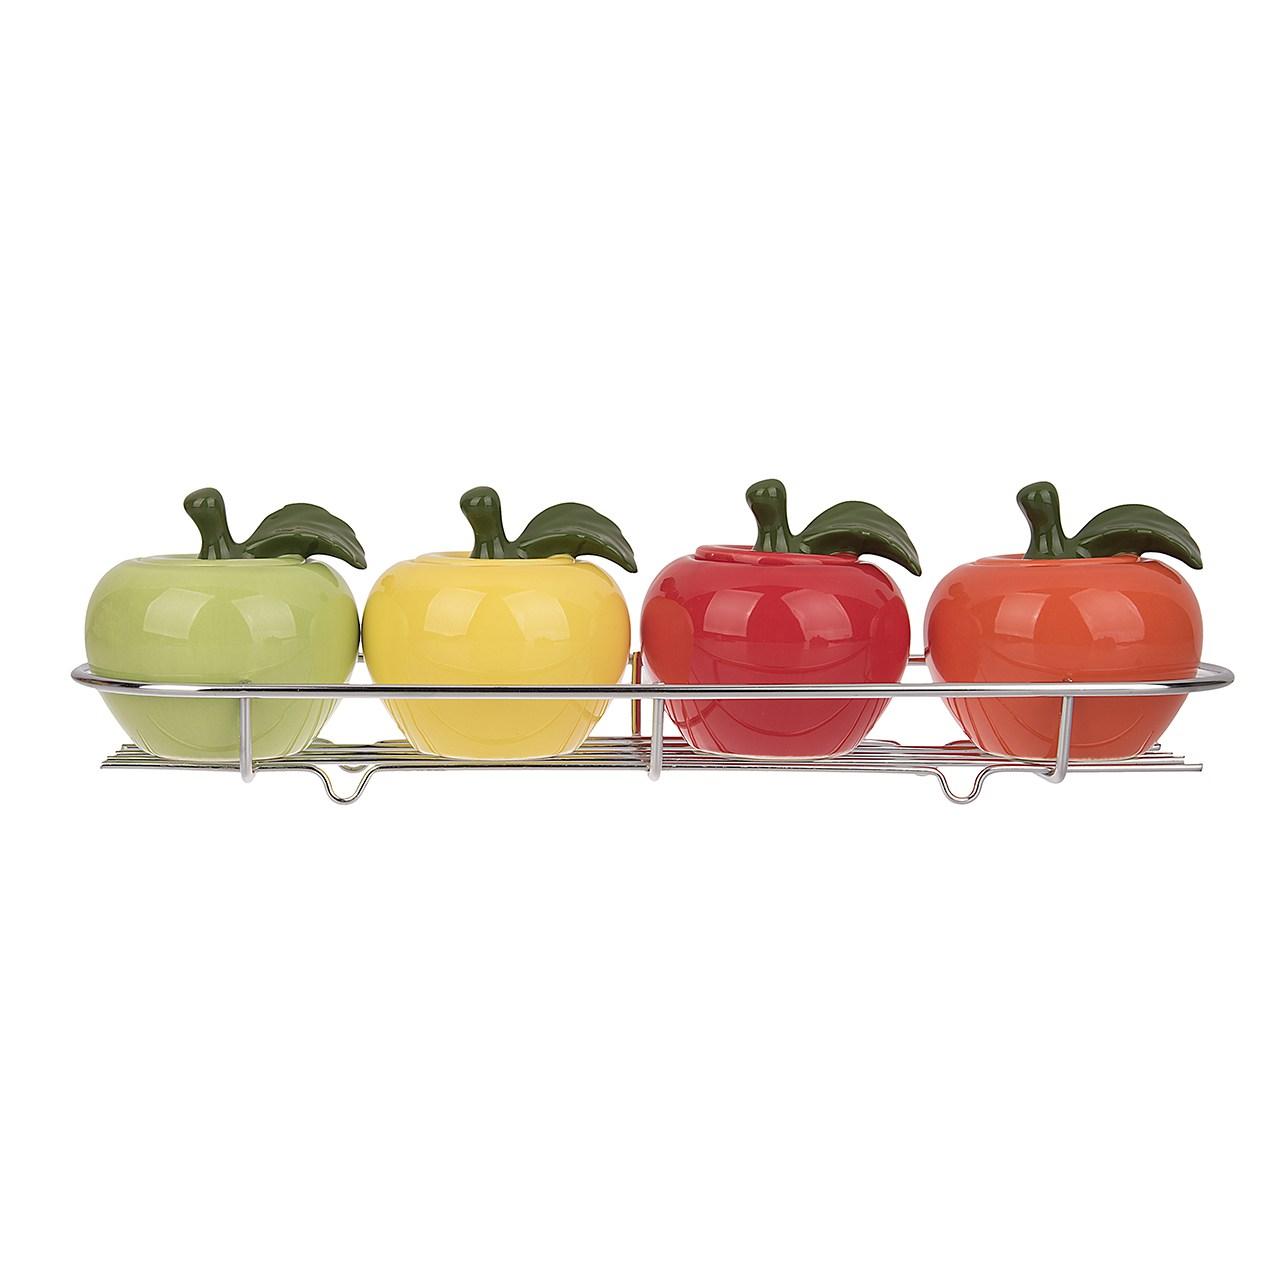 جا ادویه ژوانی مدل Apple 1